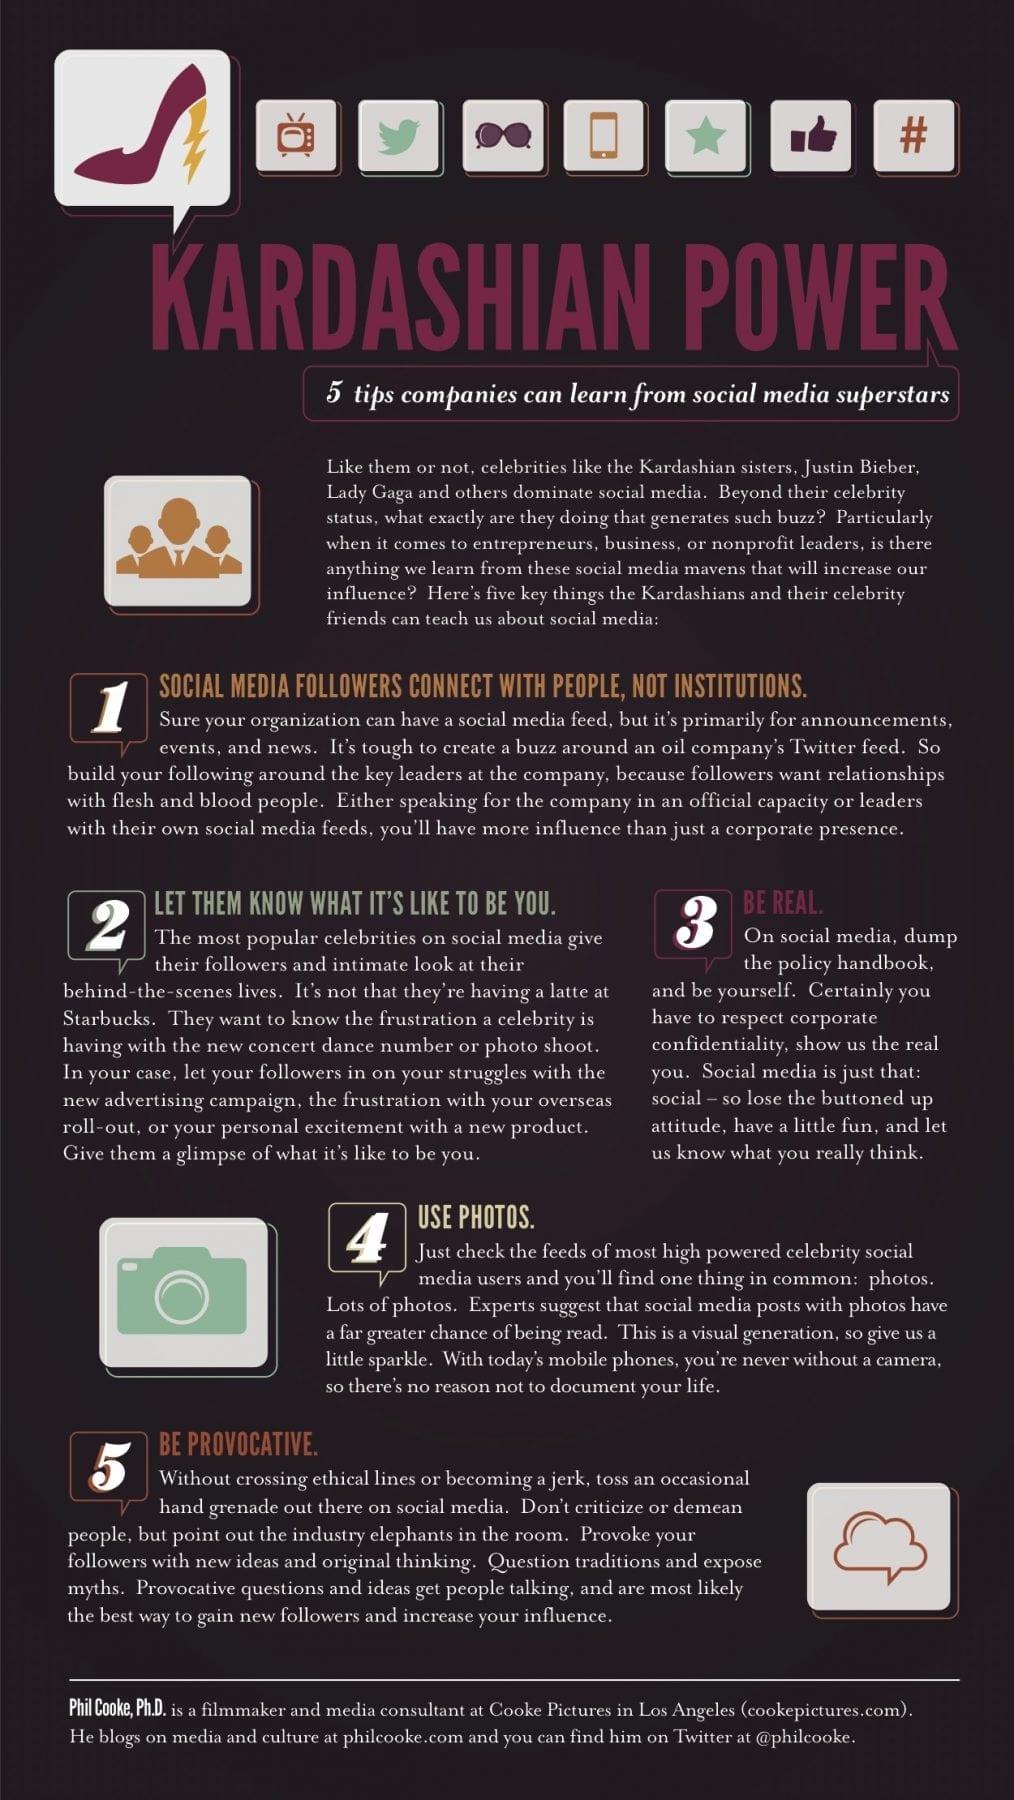 kardpower_infographic